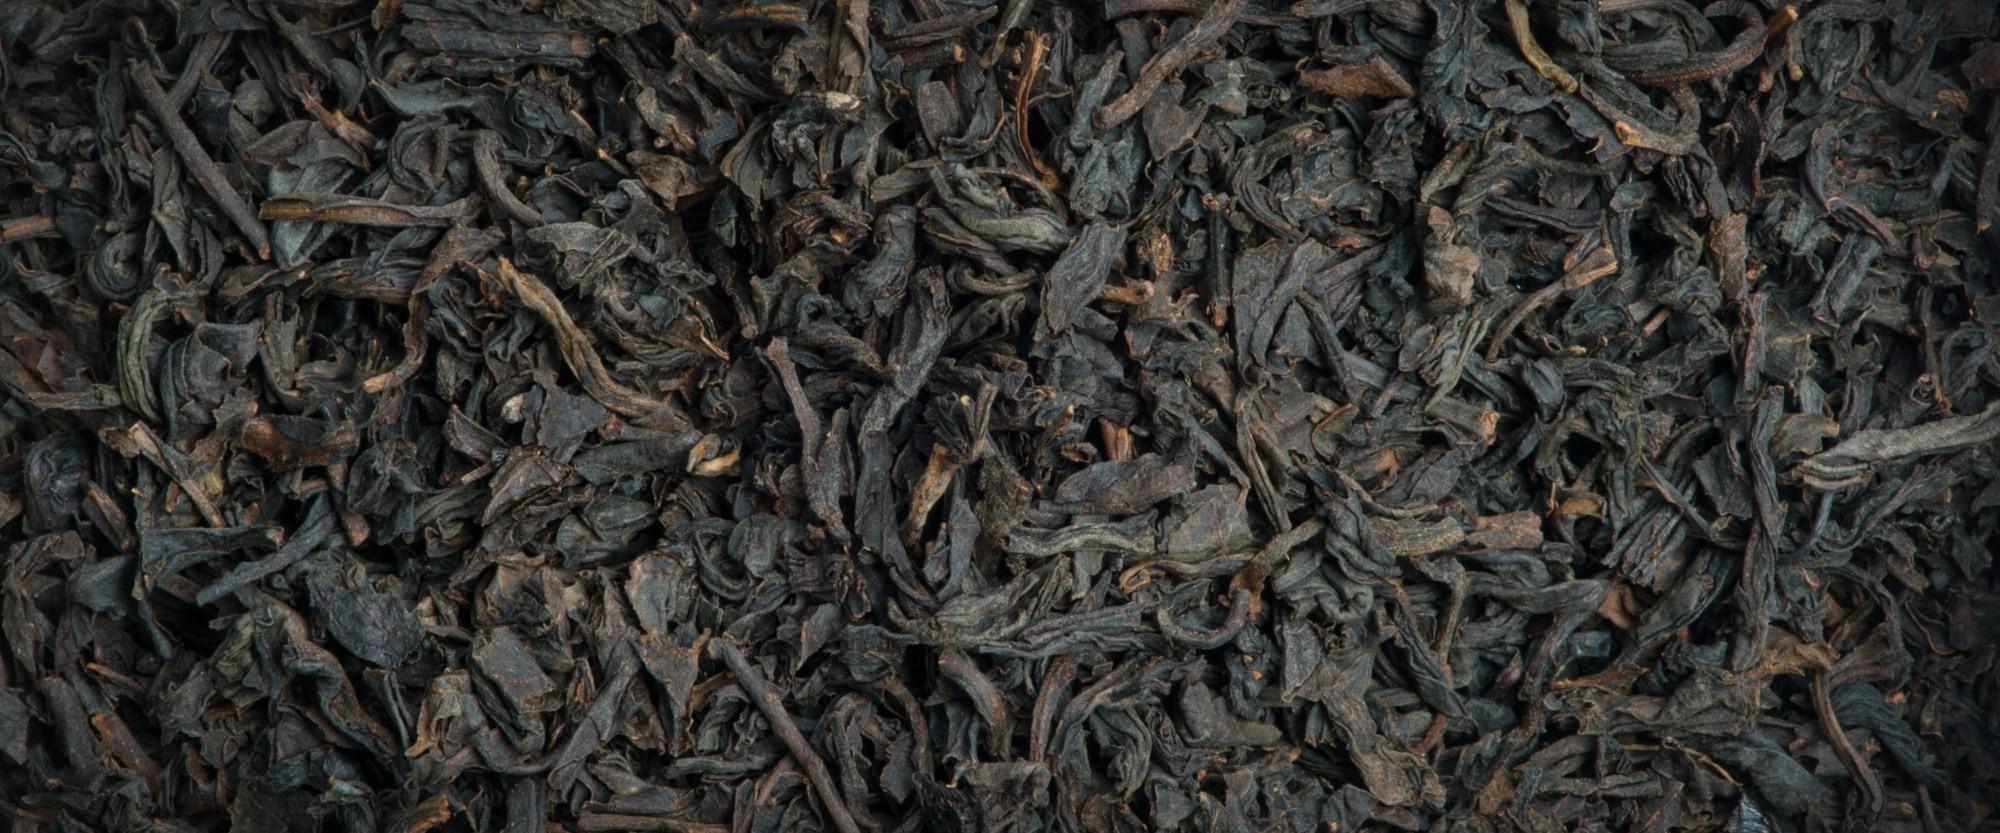 Lapsang Souchong | Thé noir de Chine fumé certifié bio